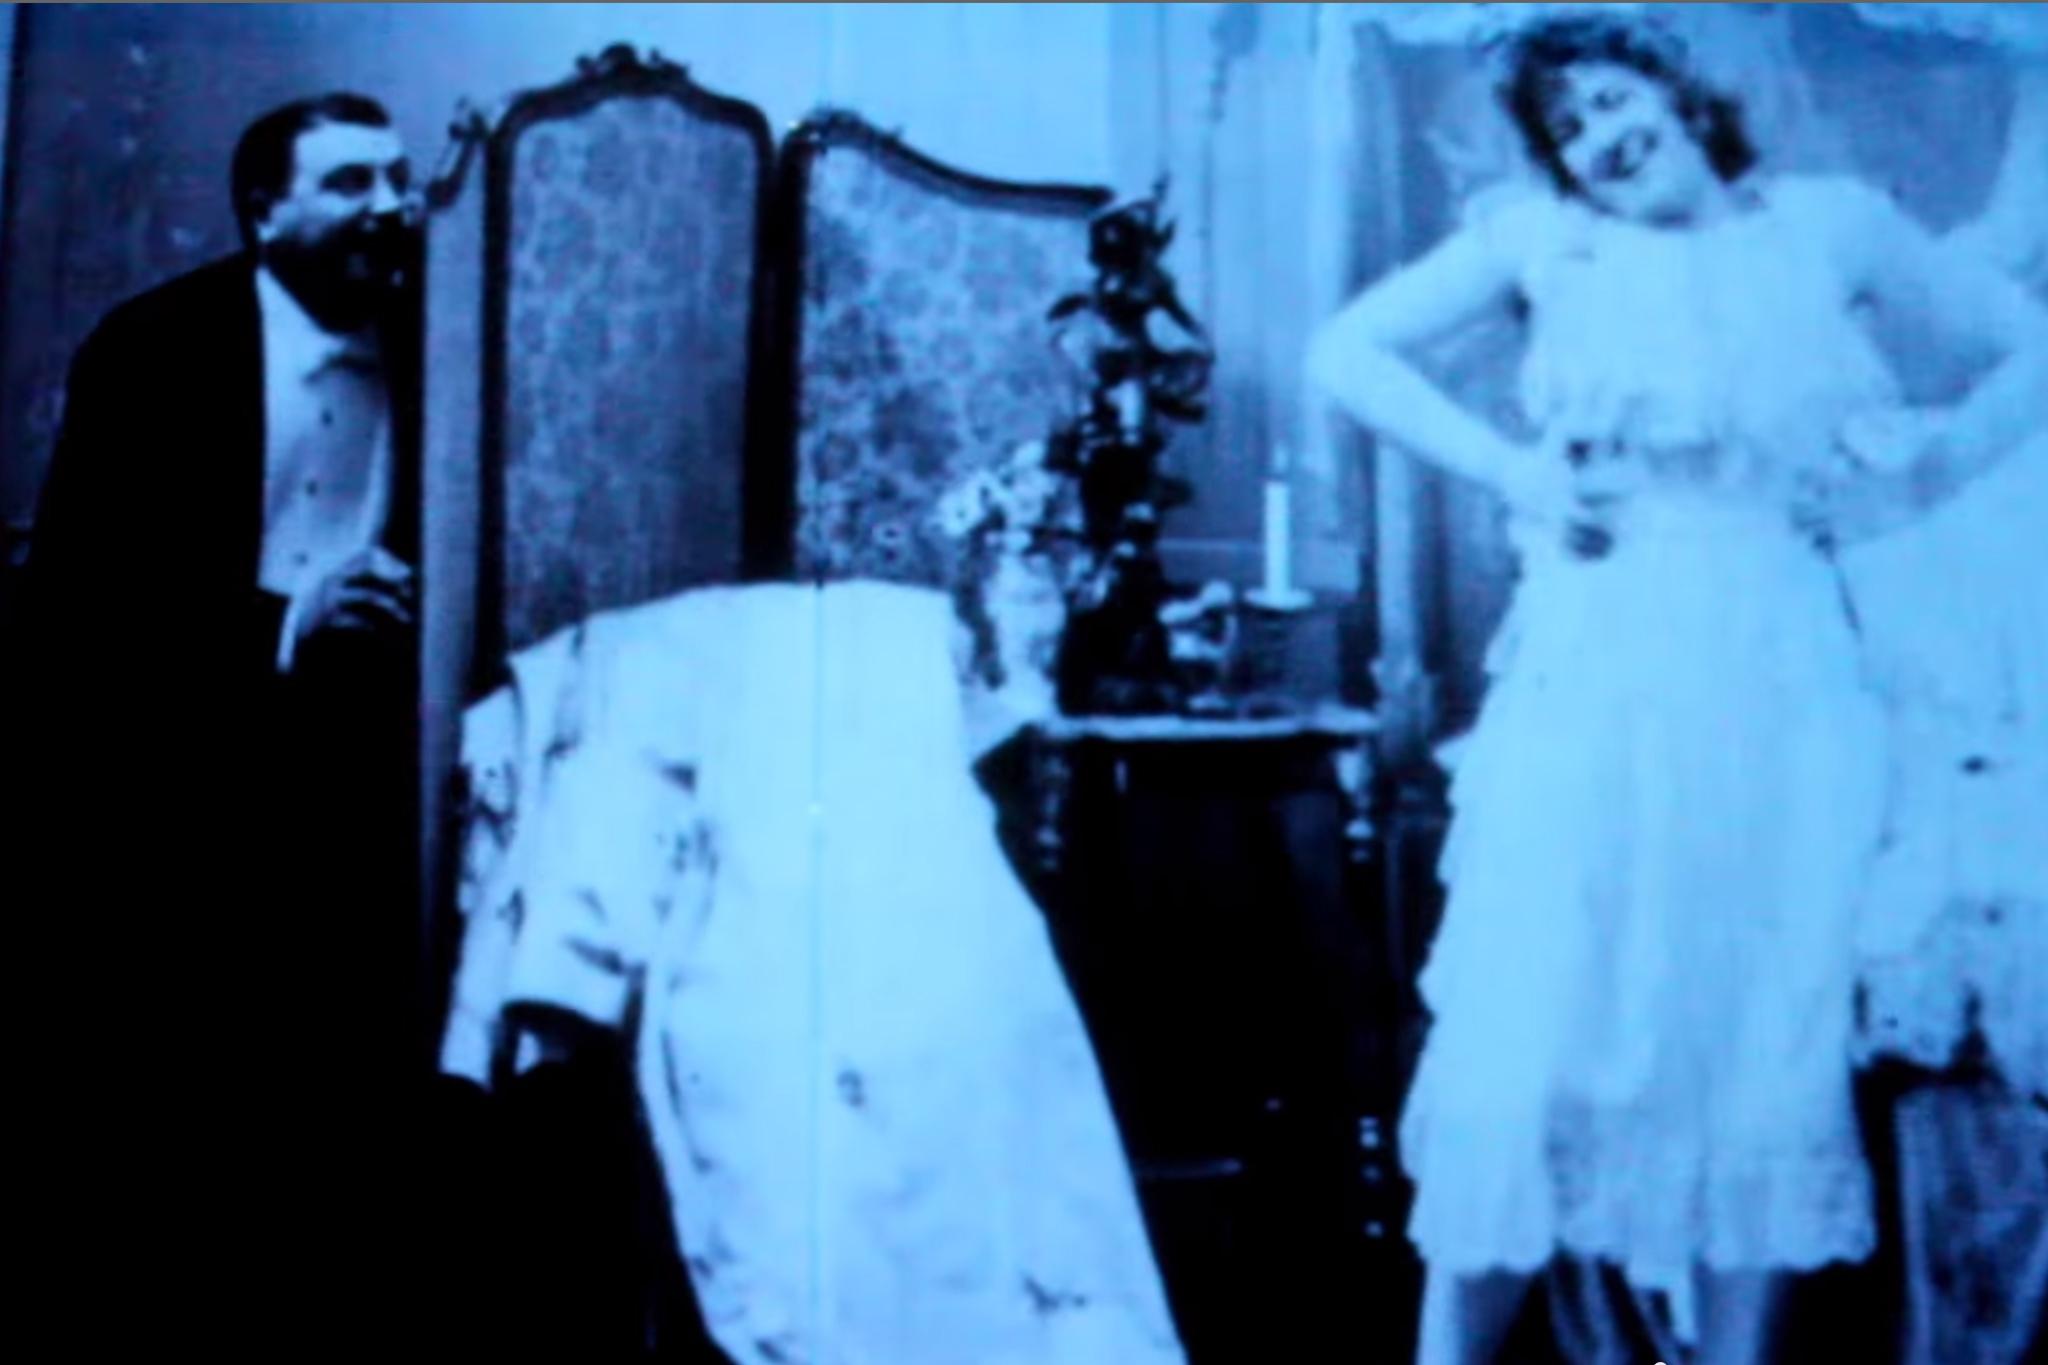 'Le Coucher de la Mariée' (Bedtime for the Bride) (1896)